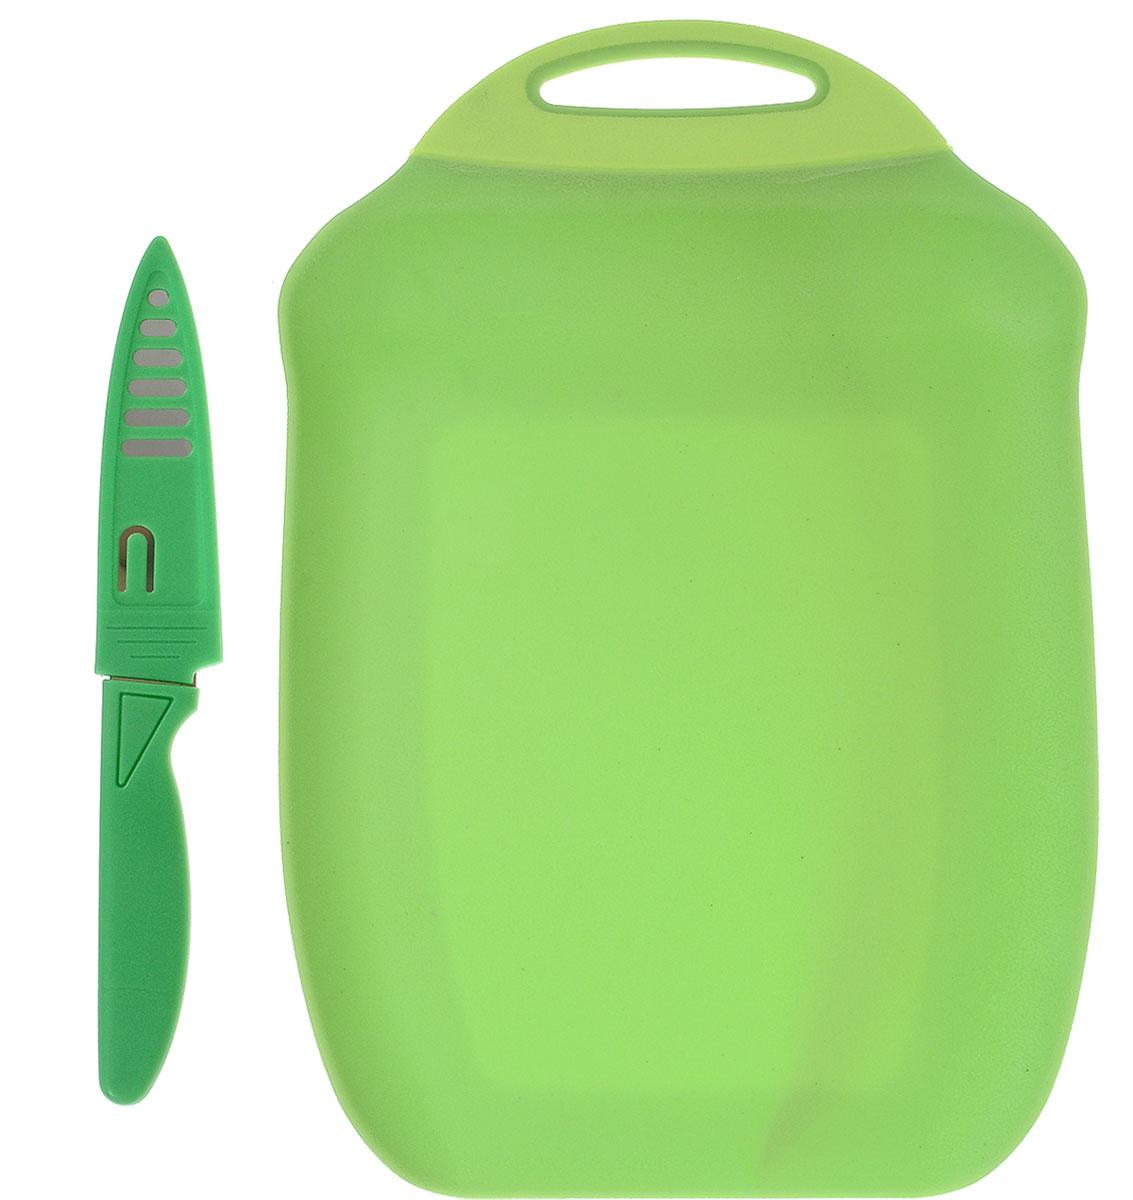 Доска разделочная Menu Ланч, с ножом, цвет: зеленый, 27 х 18 смCM000001328Разделочная доска Menu Ланч изготовлена из высококачественного пищевого пластика и предназначена для разделывания рыбы, мяса, нарезки овощей, фруктов, колбас, сыра и хлеба. Поверхность доски не тупит лезвия ножей и не впитывает запахи продуктов. В конструкции доски предусмотрены специальные небольшие бортики, которые предотвратят случайное ссыпание продуктов. Для удобства хранения доска имеет отверстие для подвешивания. В комплекте имеется нож из нержавеющей стали с защитным чехлом. Эргономичная пластиковая рукоятка не позволяет ножу выскальзывать из рук. Любая хозяйка оценит функциональность данного набора. Мыть только вручную. Размер разделочной доски: 27 х 18 см.Длина ножа: 19 см.Длина лезвия ножа: 10 см.